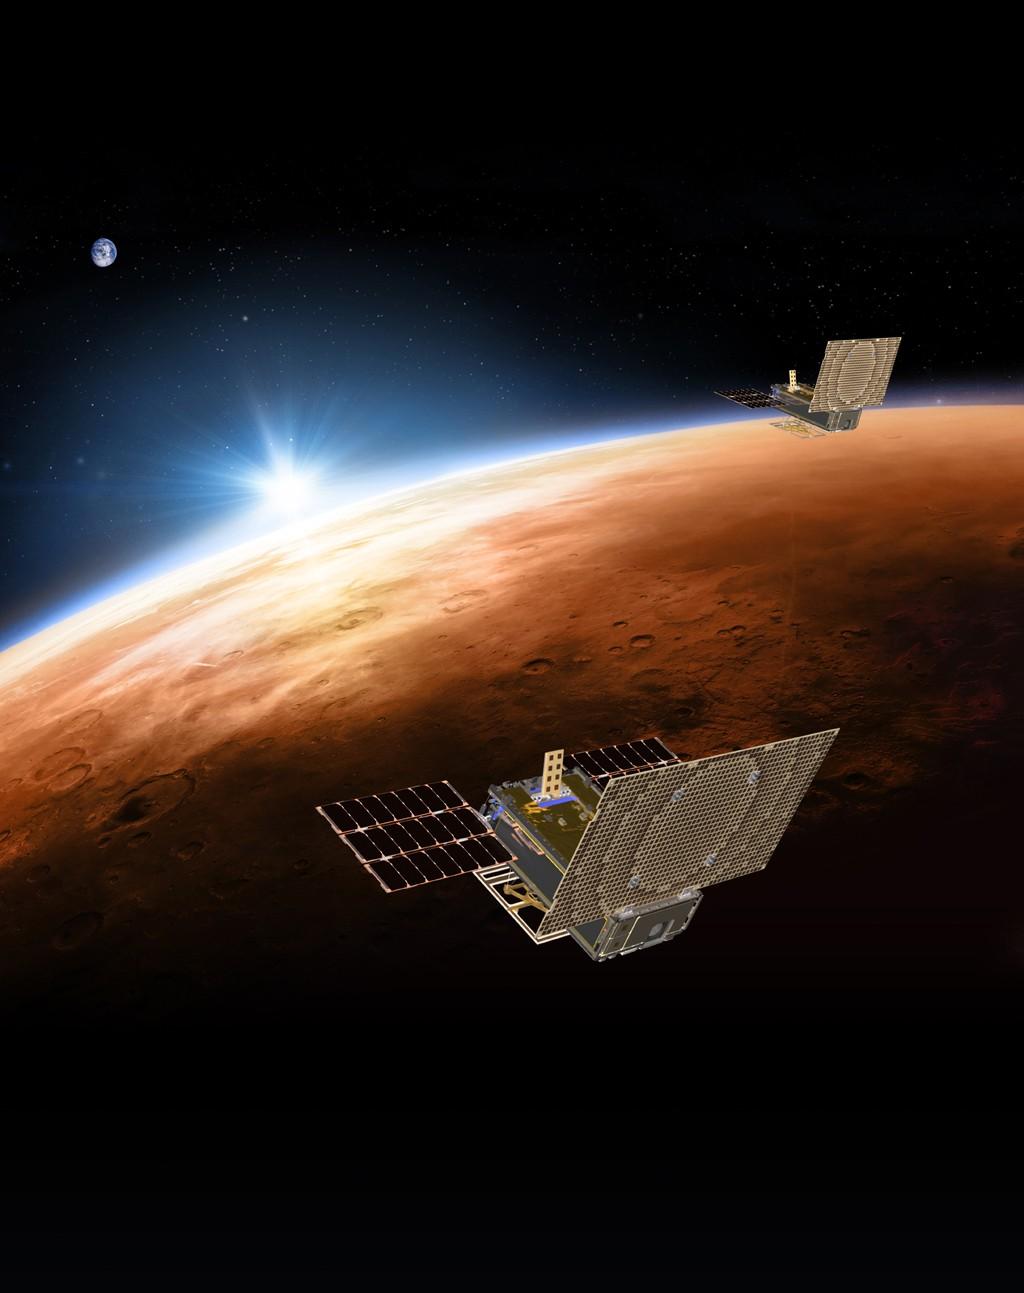 Os satélites faziam parte da missão Mars Cube One (MarCO) (Foto: NASA/JPL-Caltech)